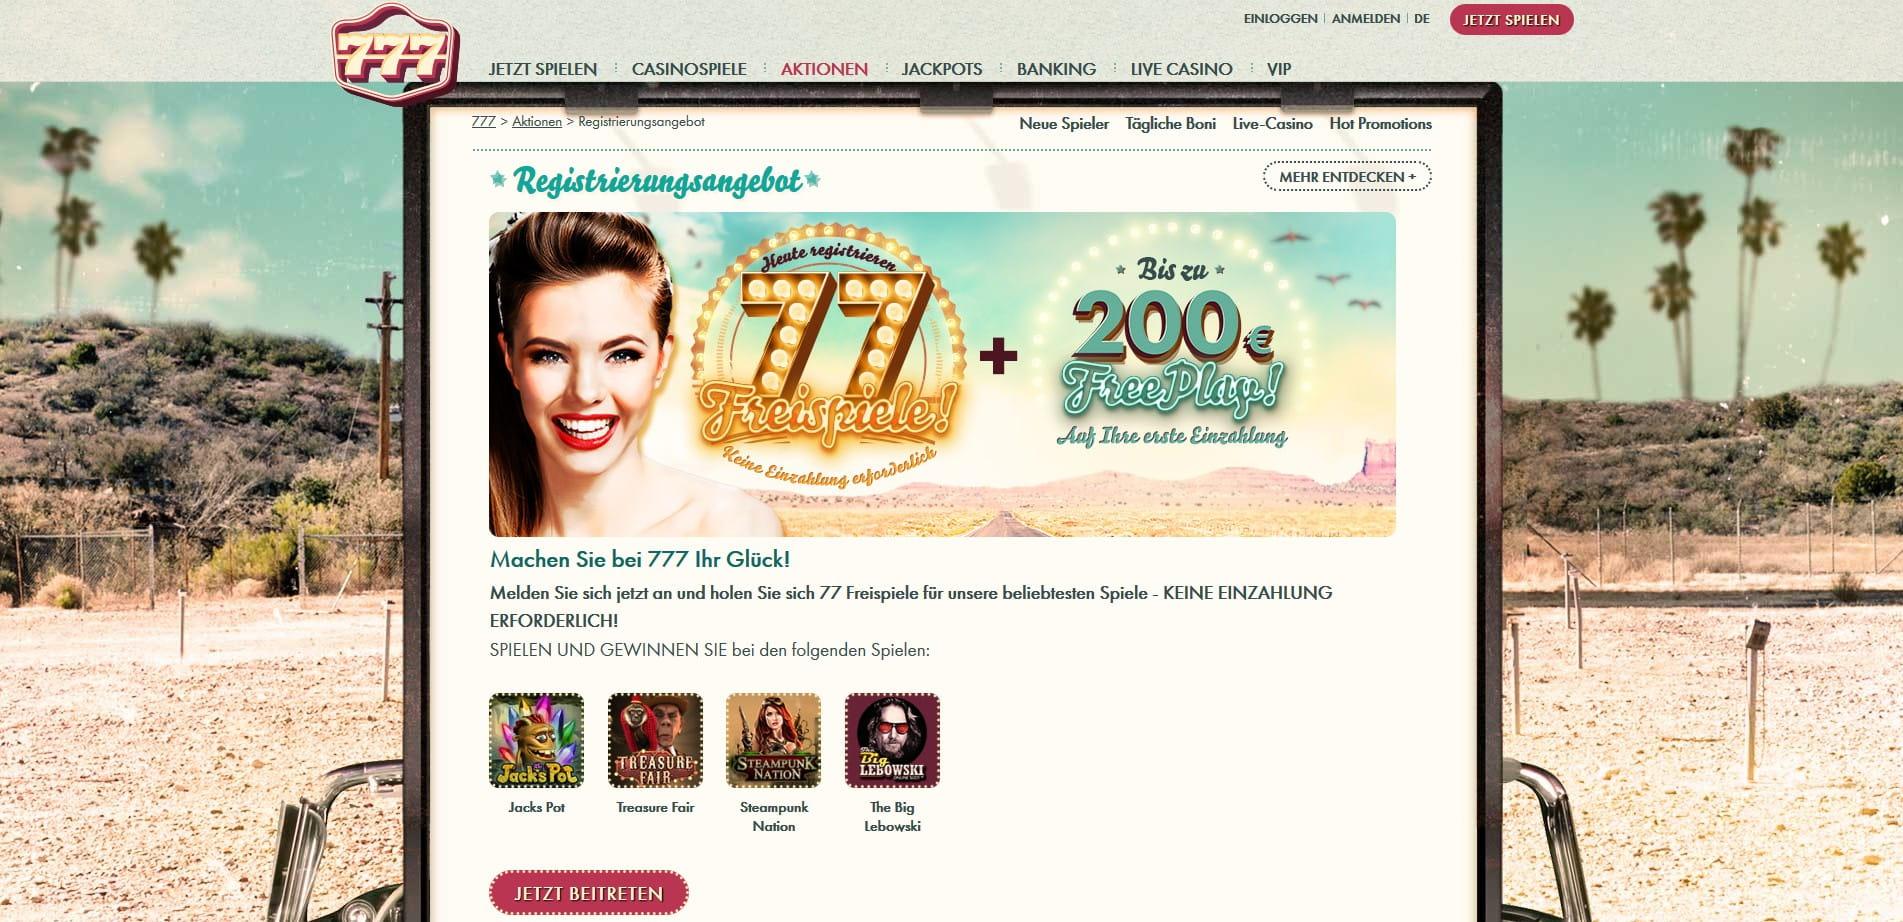 online casino willkommensbonus ohne einzahlung online spielcasino